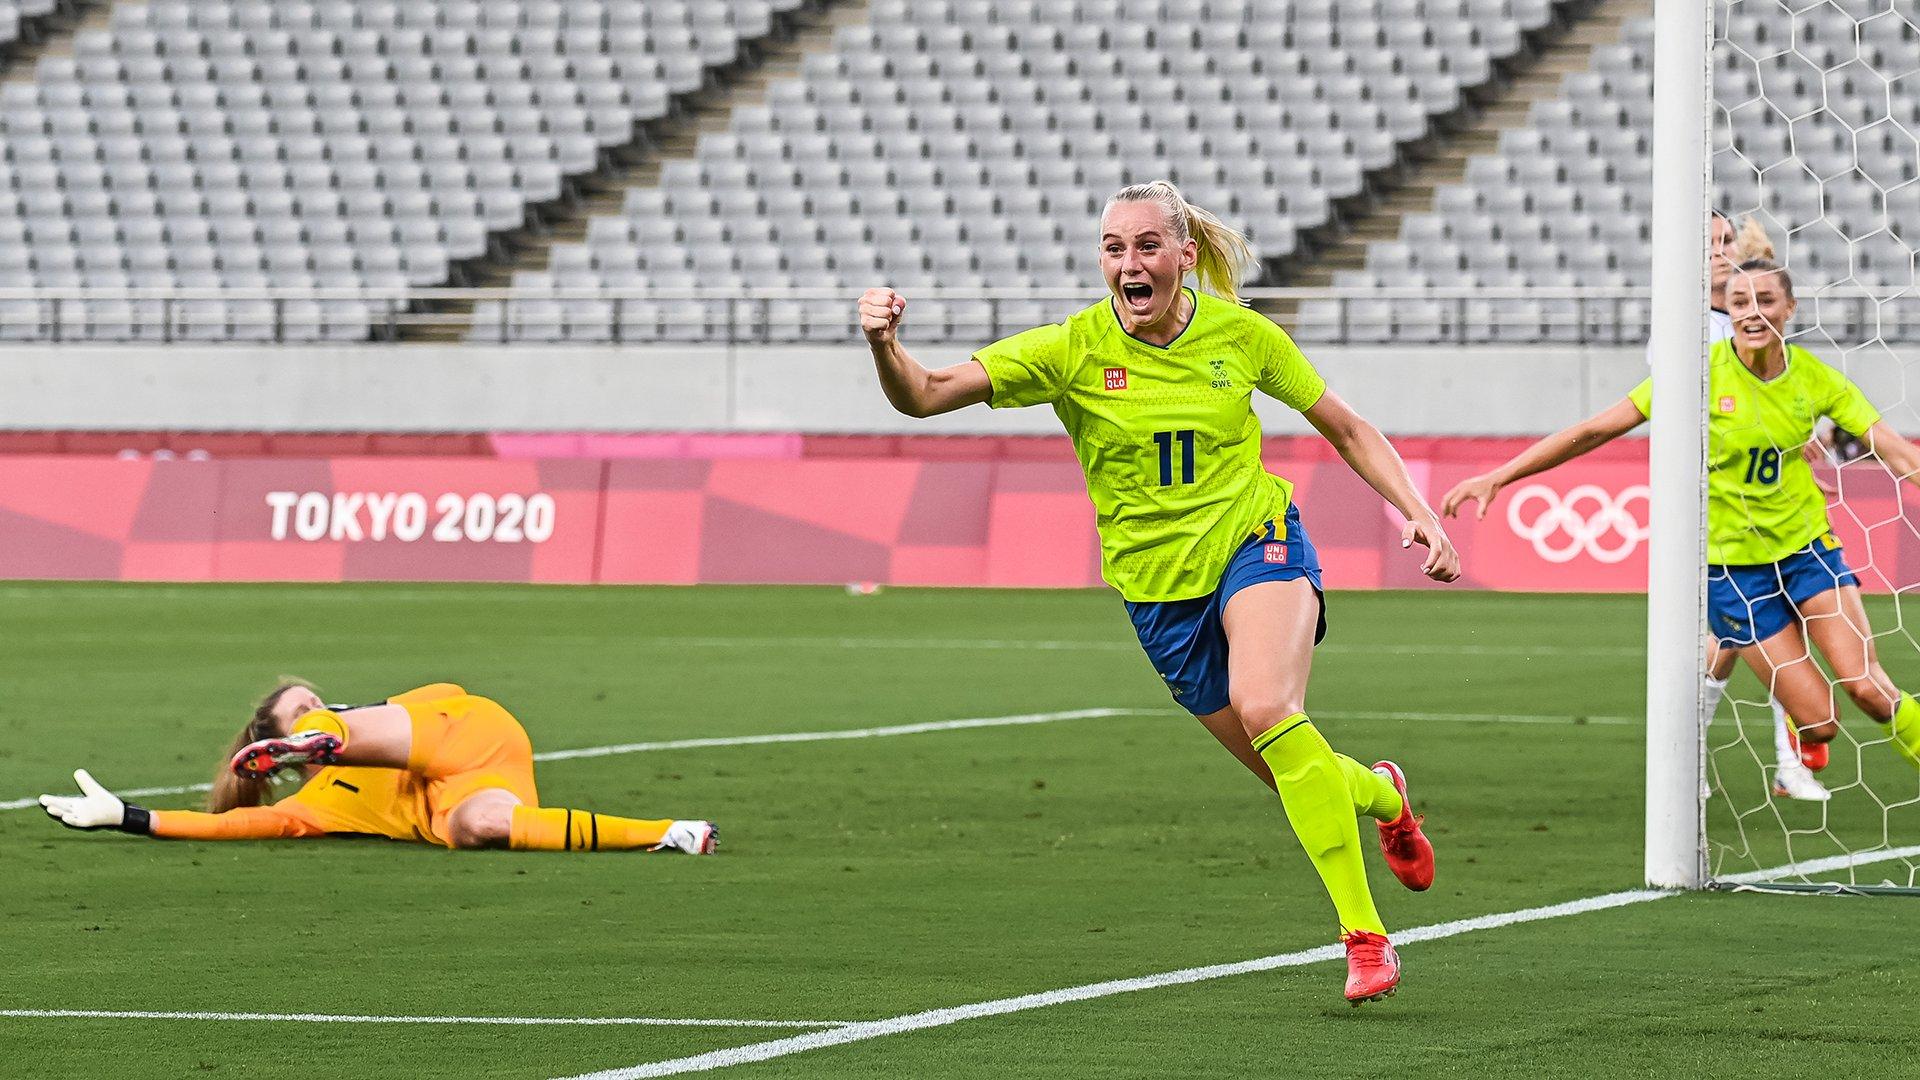 Suécia vence Estados Unidos | Foto: Divulgação / Svensk Fotboll